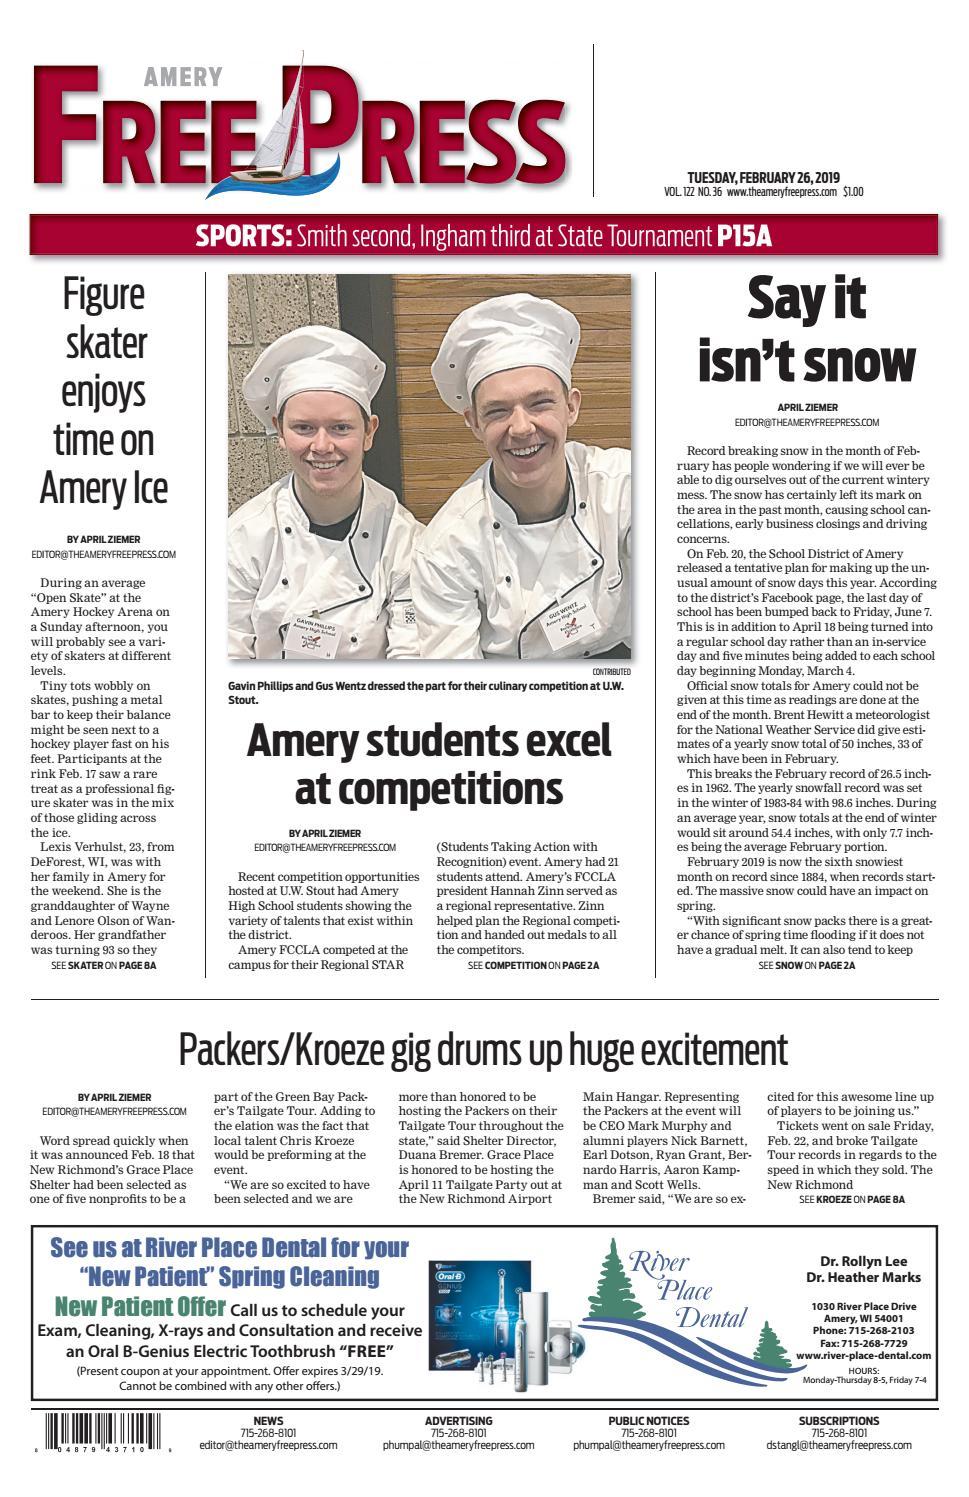 Amery Free Press February 26, 2019 by Amery Free Press - issuu